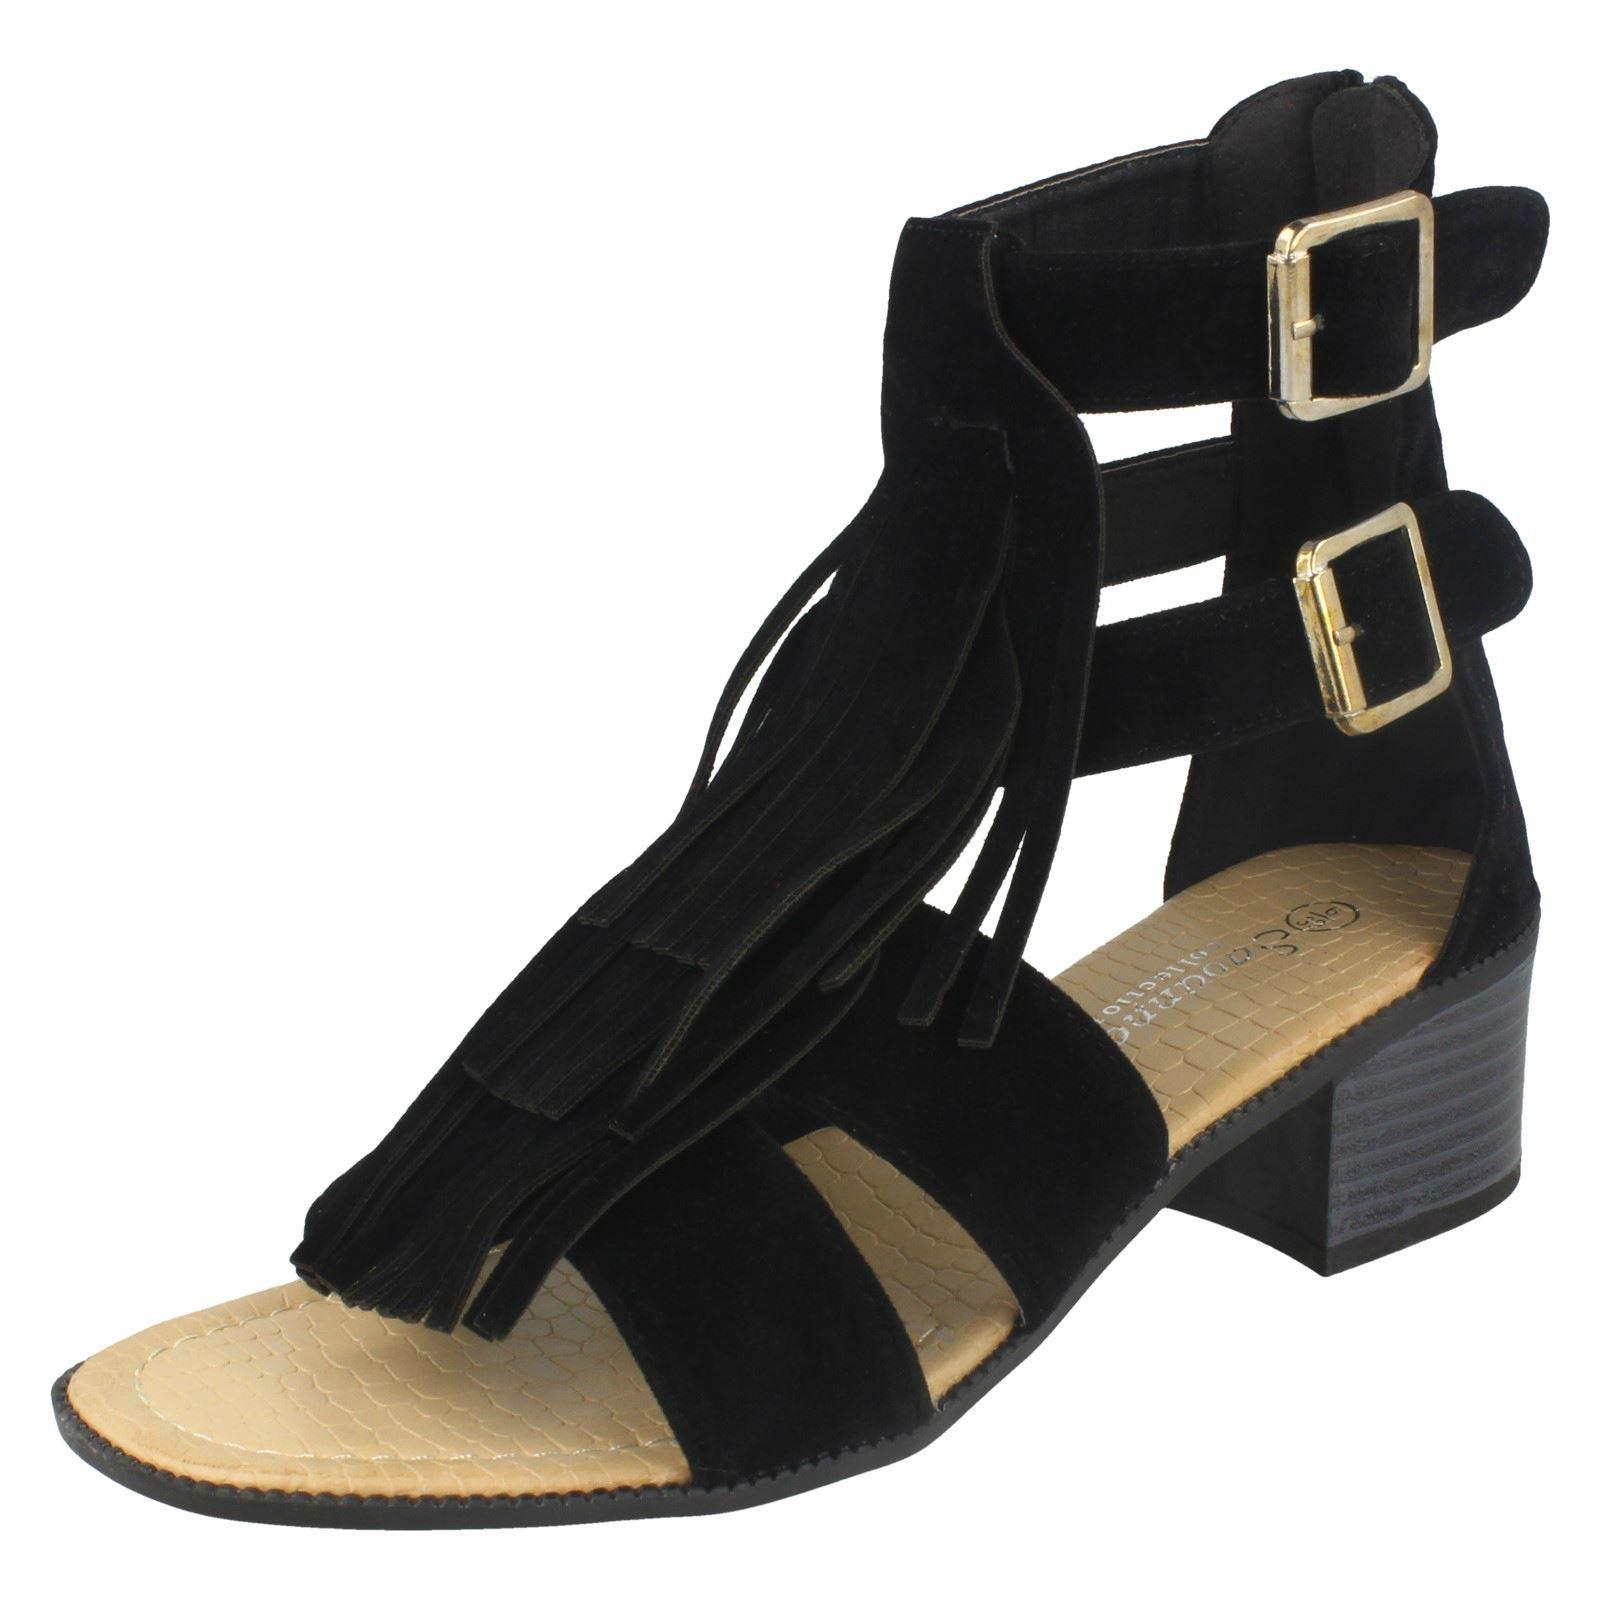 Savannah - Strap alla caviglia donna , nero (Black), 38 EU